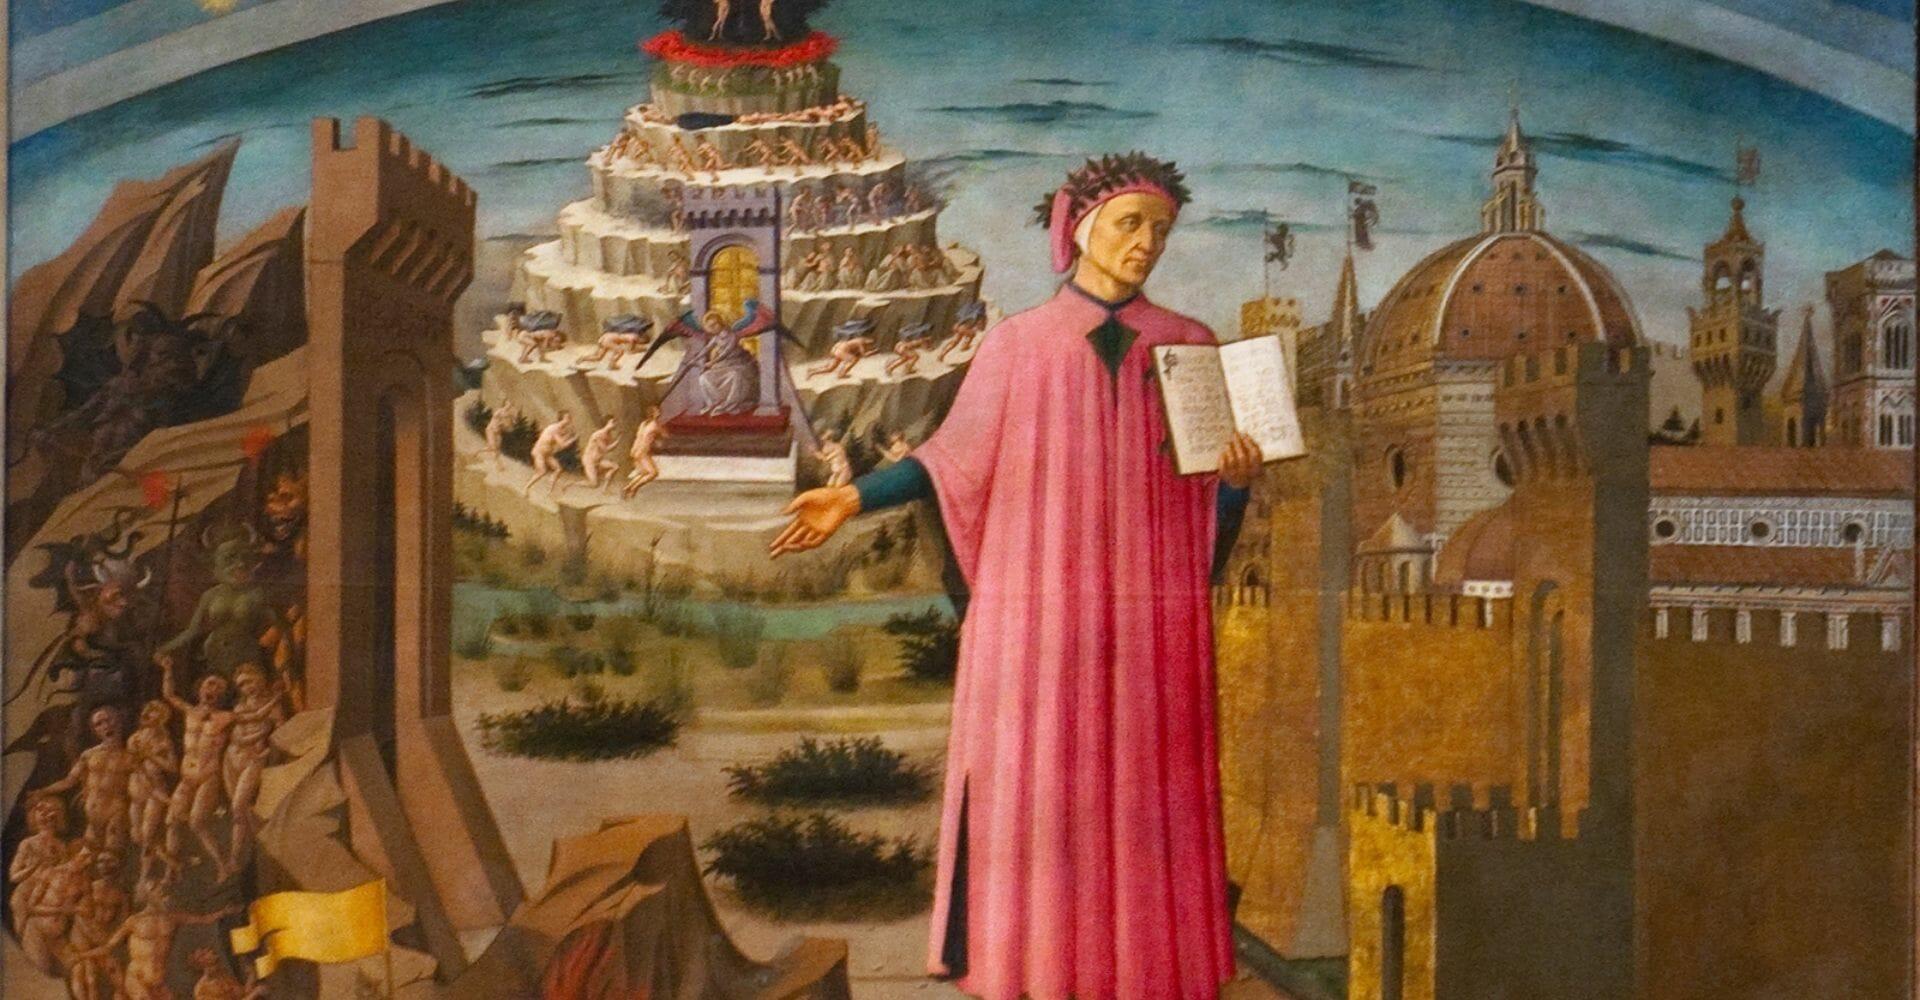 Libri su Dante-2021: l'eredità del poeta fiorentino a 700 anni dalla sua morte